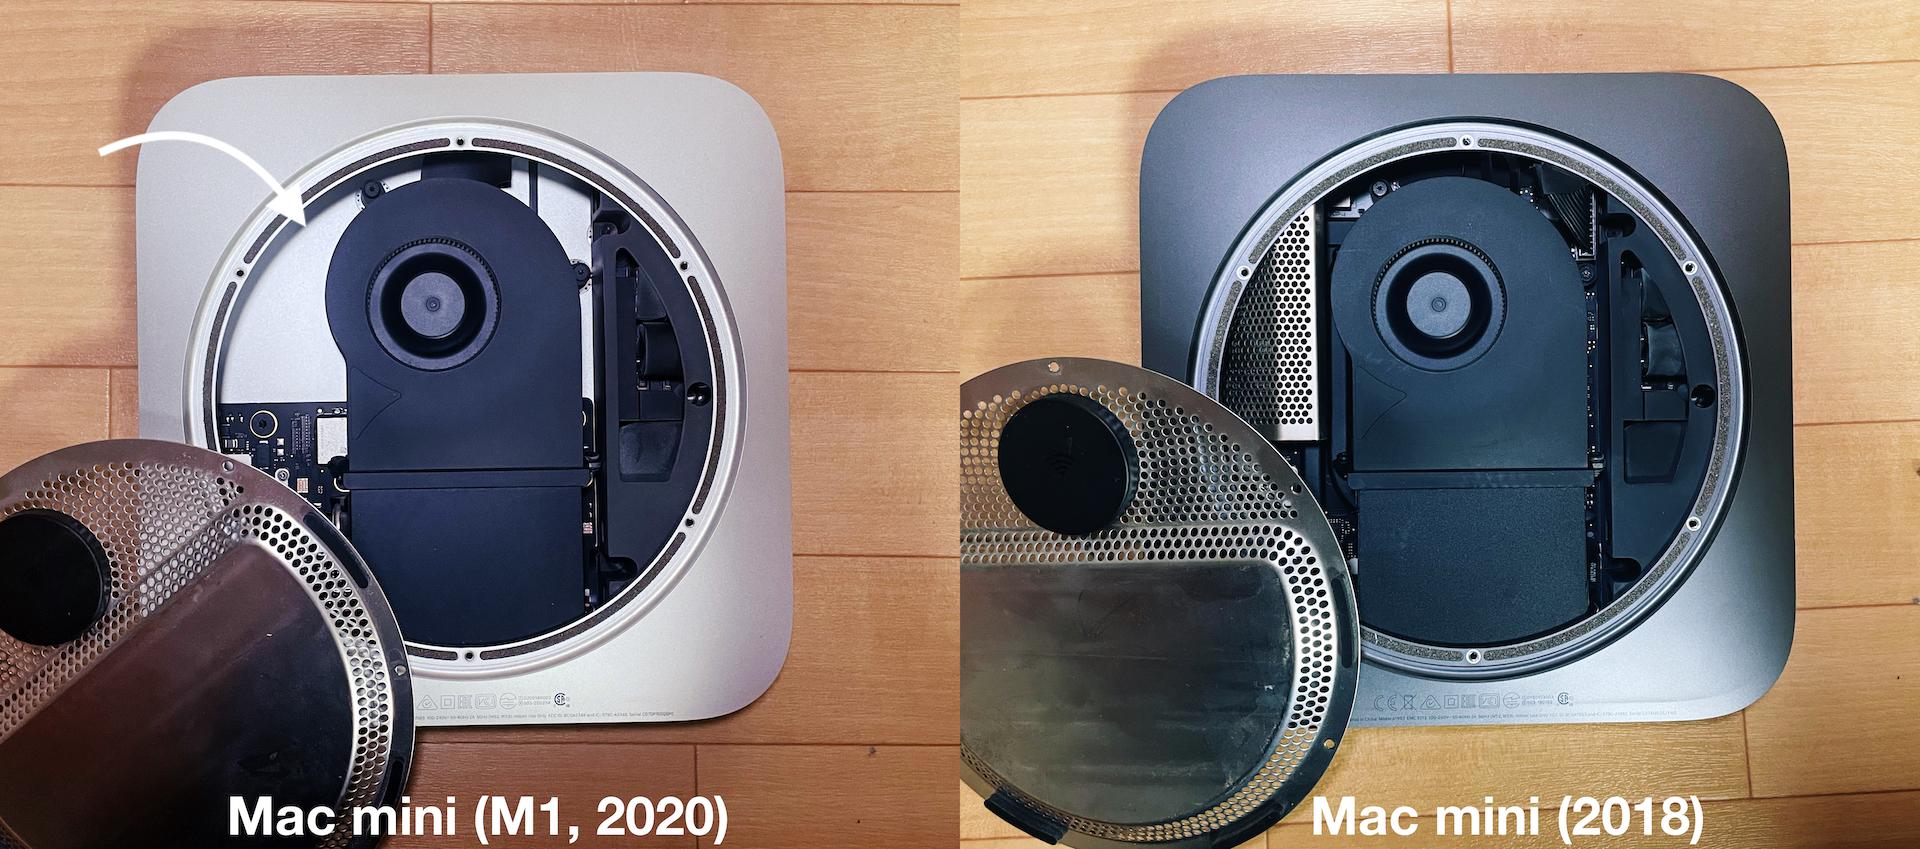 Mac mini (M1, 2020)とMac mini (2018)の内部